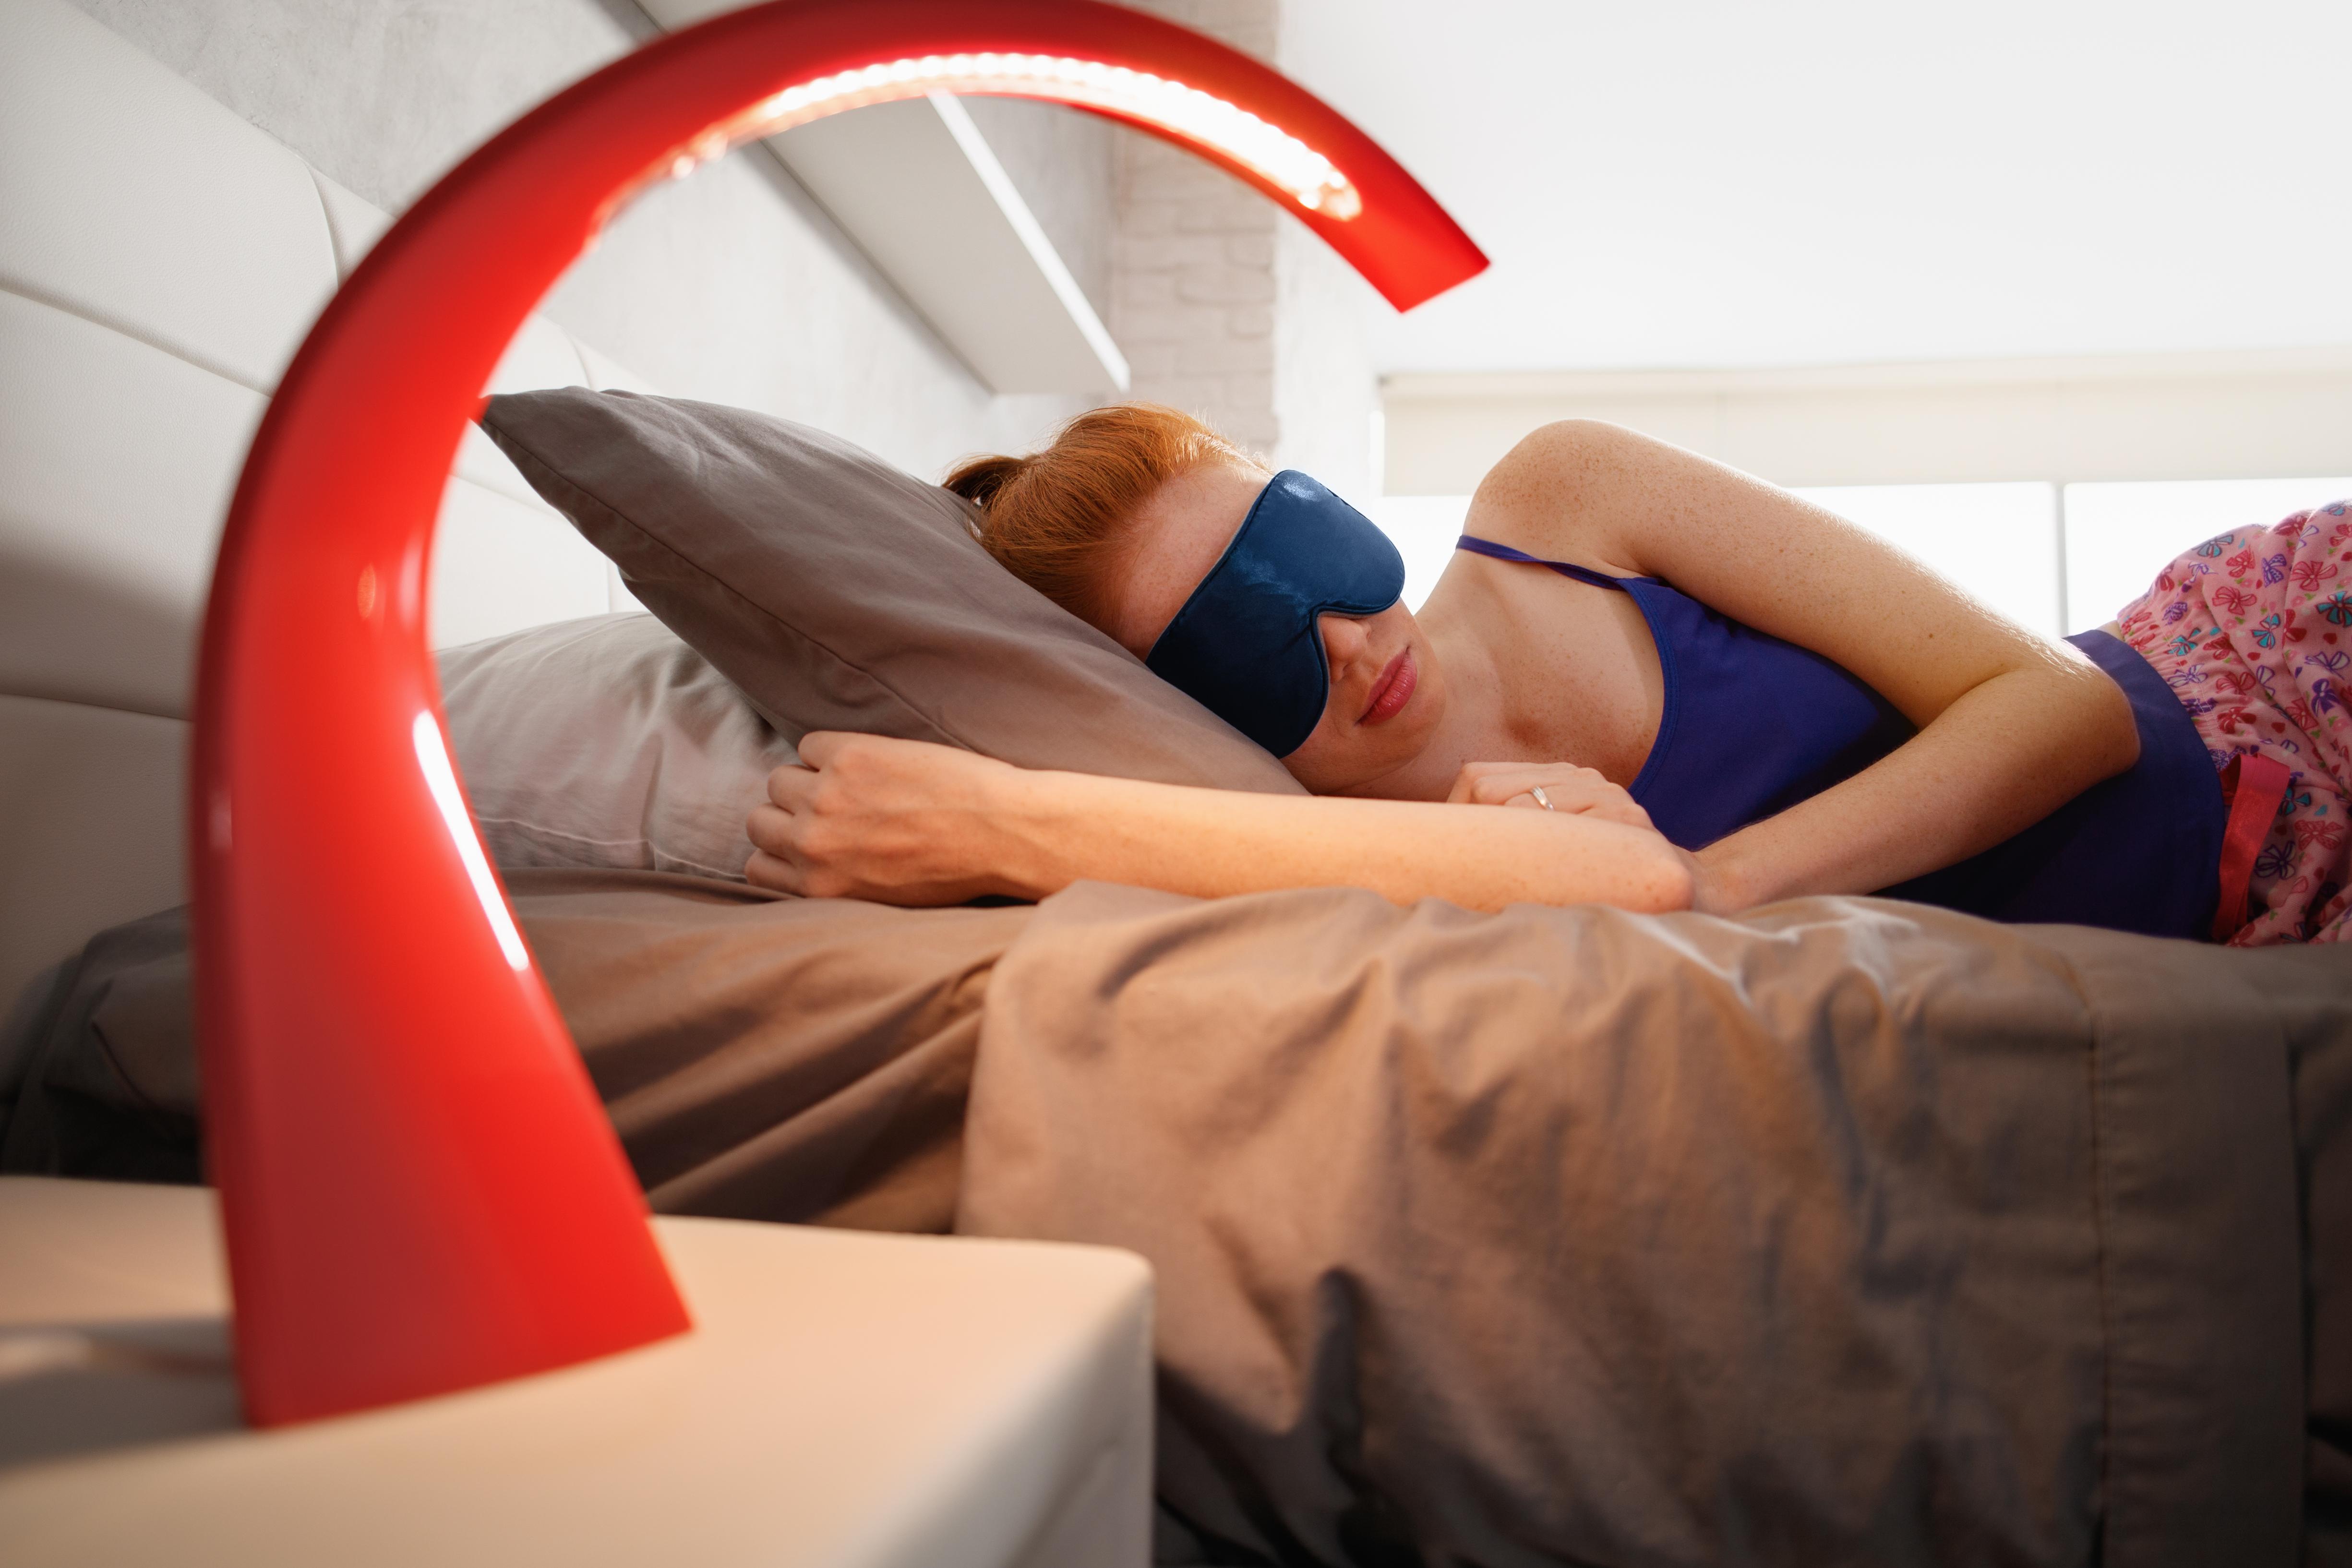 Quais os malefícios de trocar o dia pela noite?